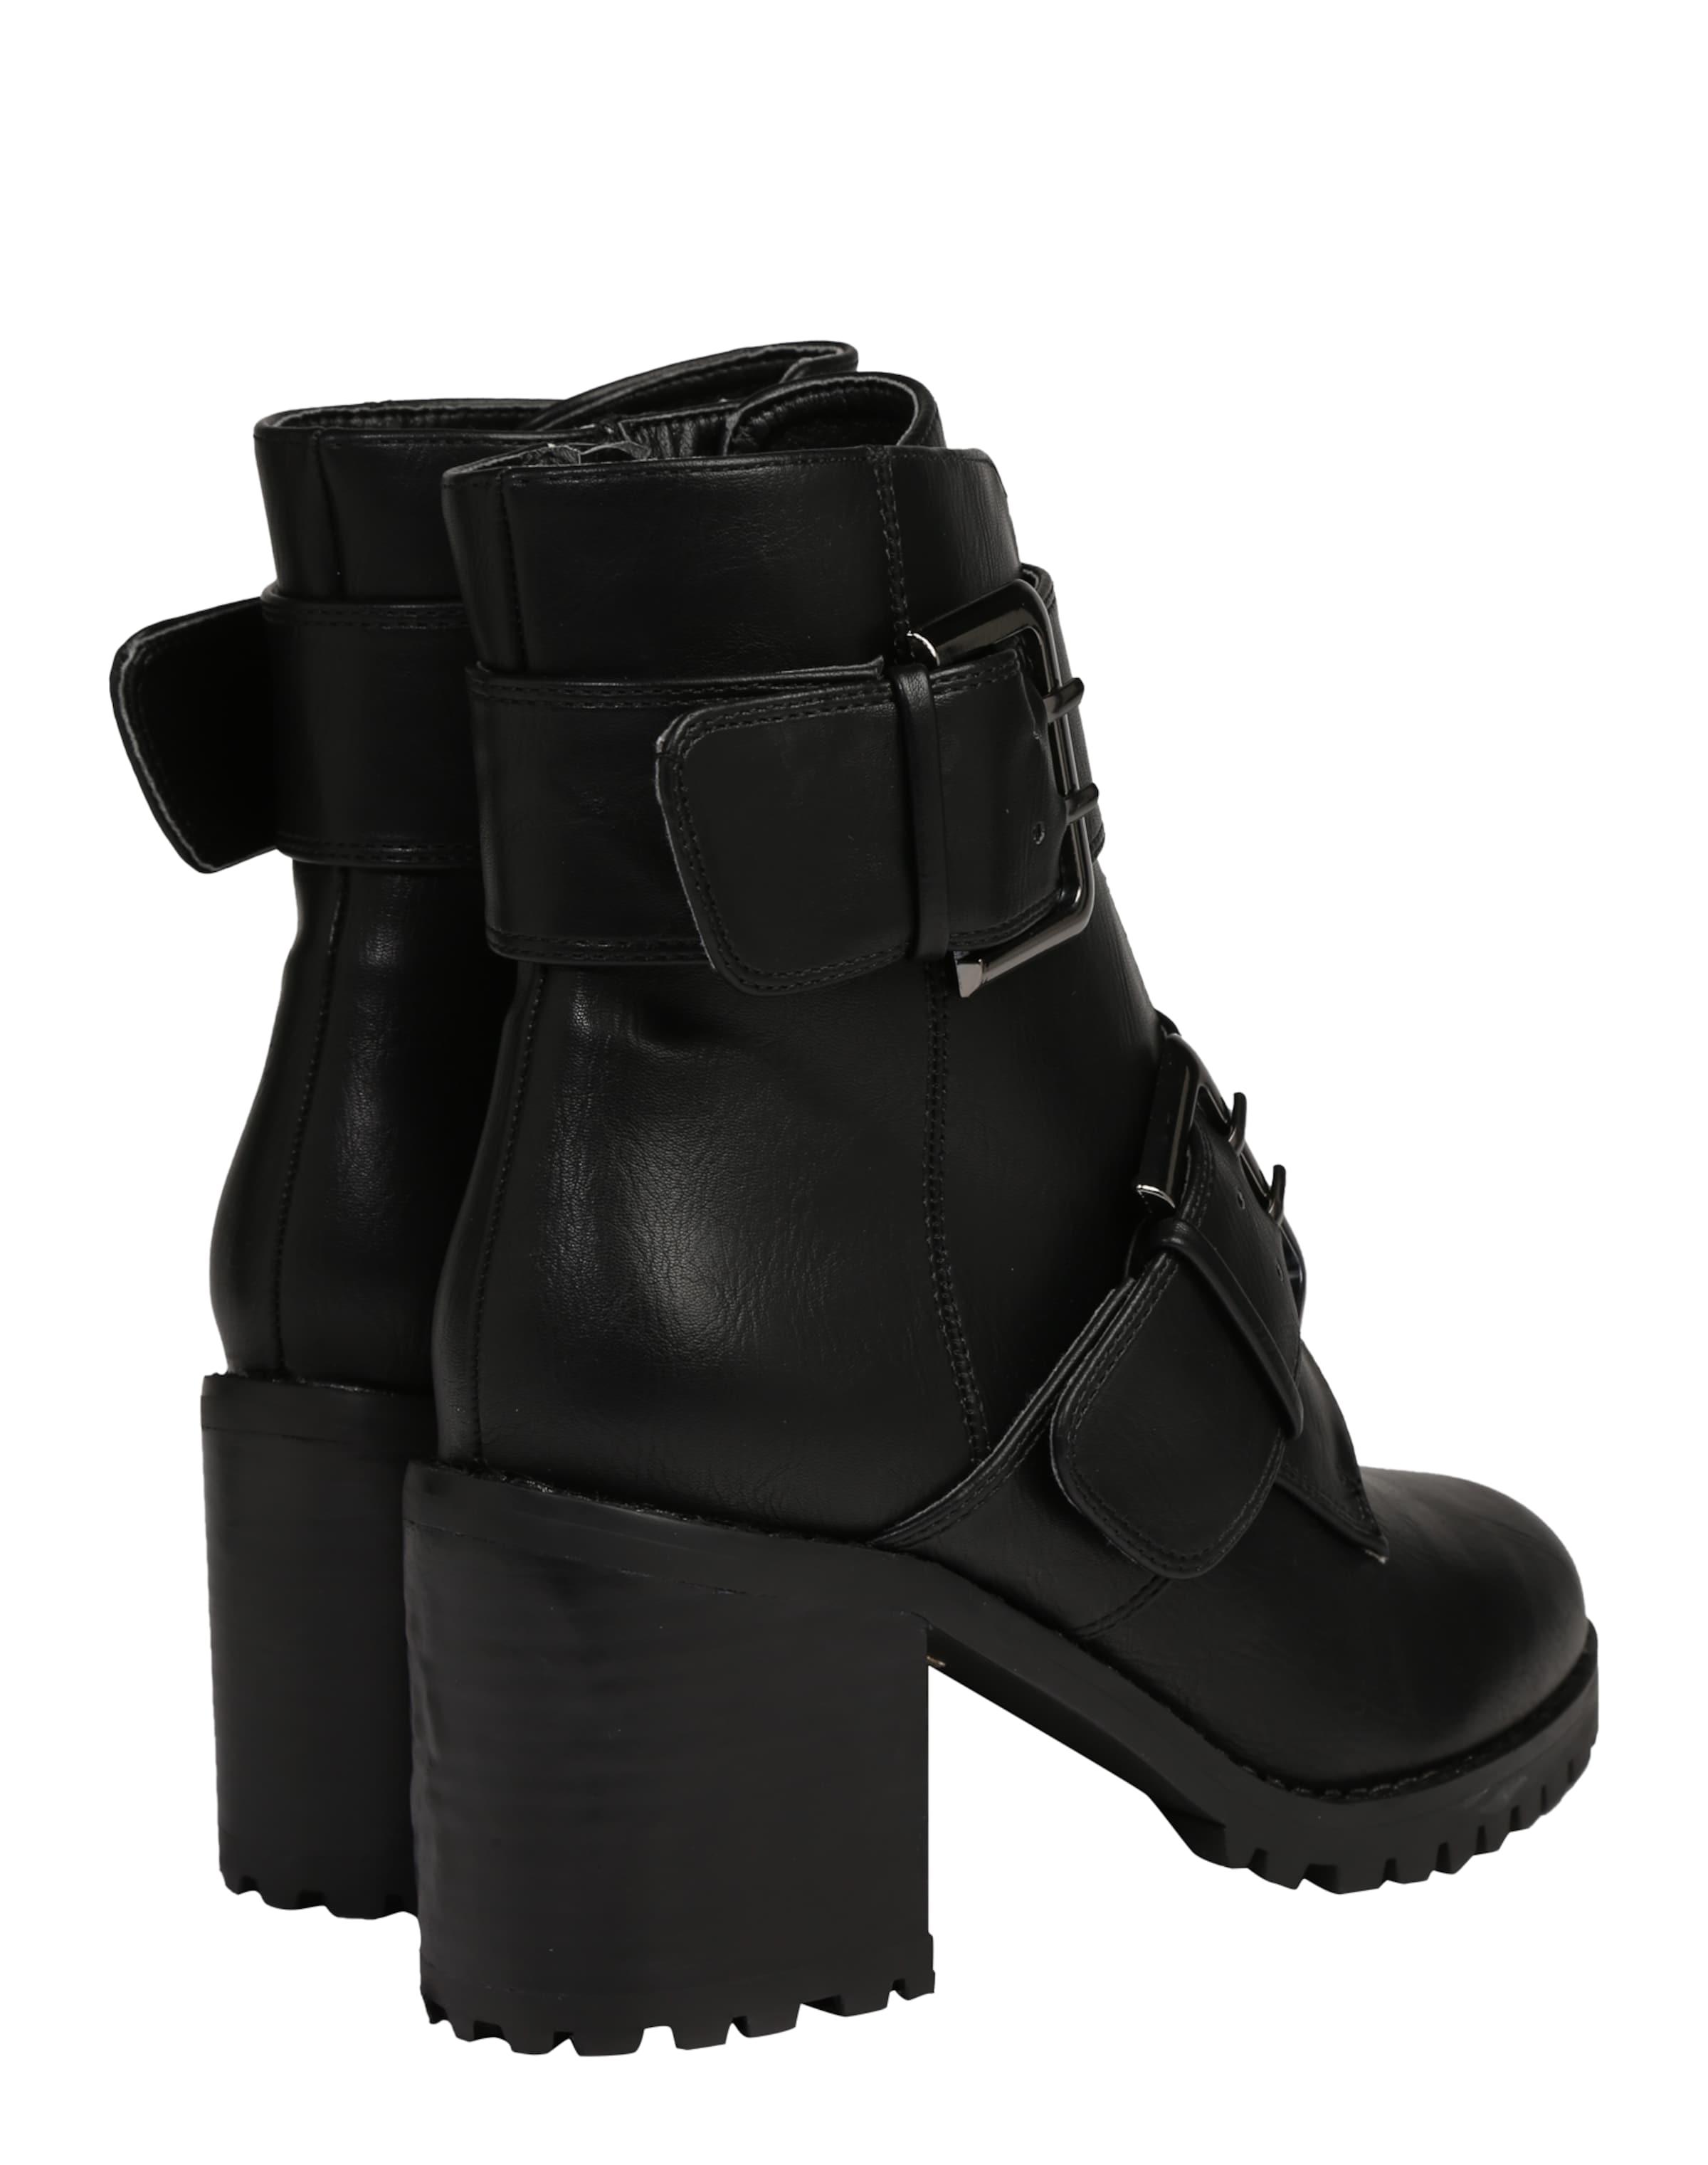 BUFFALO Stiefelette 'Bootie Block Heel' Komfortabel Zu Verkaufen Kaufen Sie Ihre Lieblings Verkauf Erstaunlicher Preis 3Nr0qK